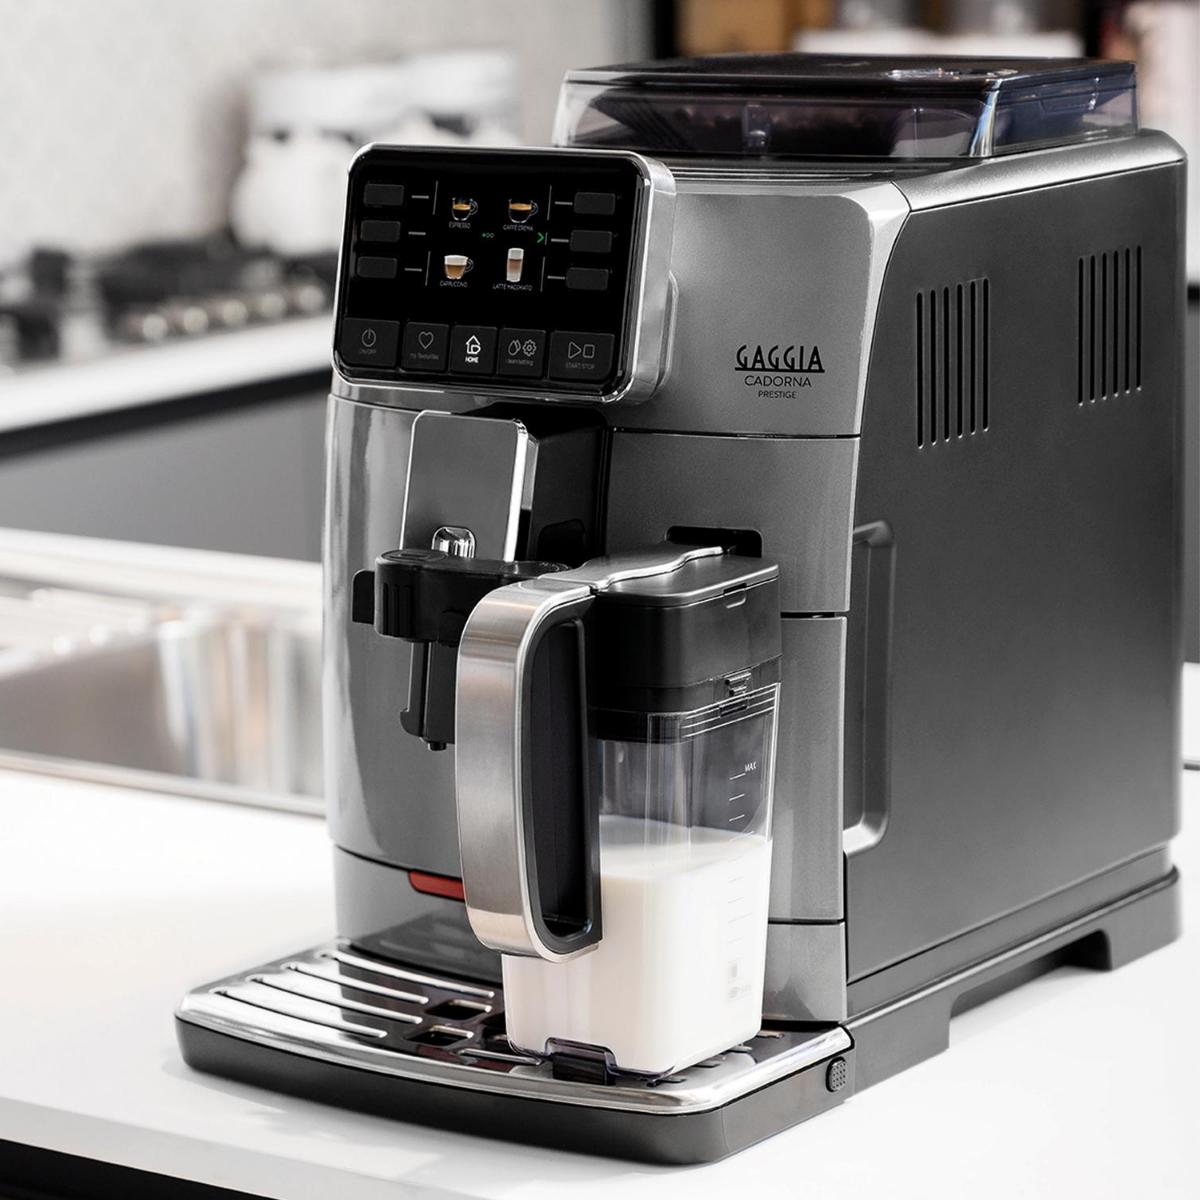 A Cafeteira que representa a mais alta tecnologia. Proporciona a liberdade de escolha no preparo de até 14 bebidas e memoriza até 4 perfis de usuários para sua bebida favorita!